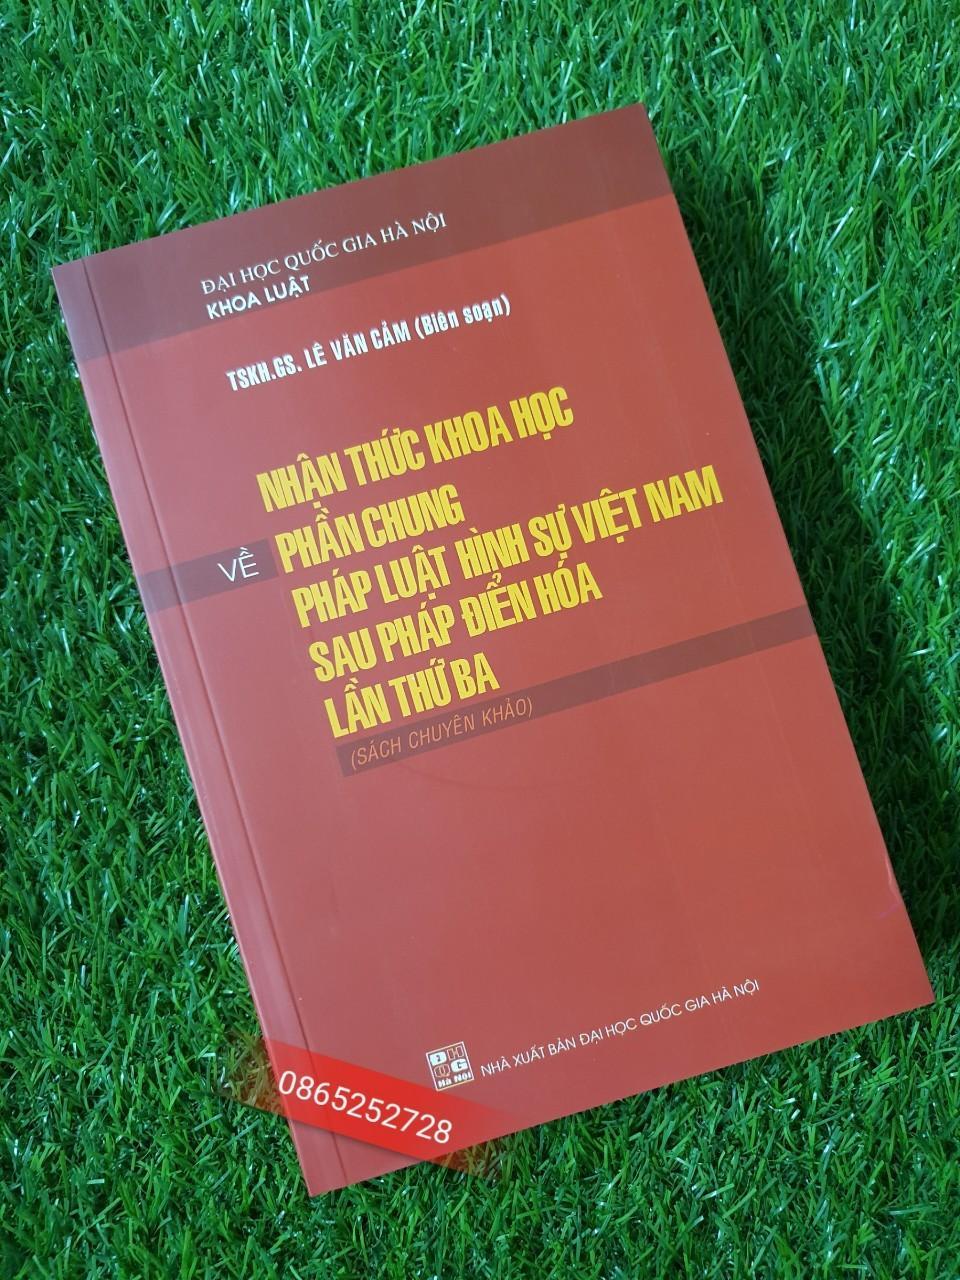 Mua Sách Luật - Nhận thức khoa học về phần chung pháp luật hình sự  Việt Nam sau pháp điển hóa lần thứ ba